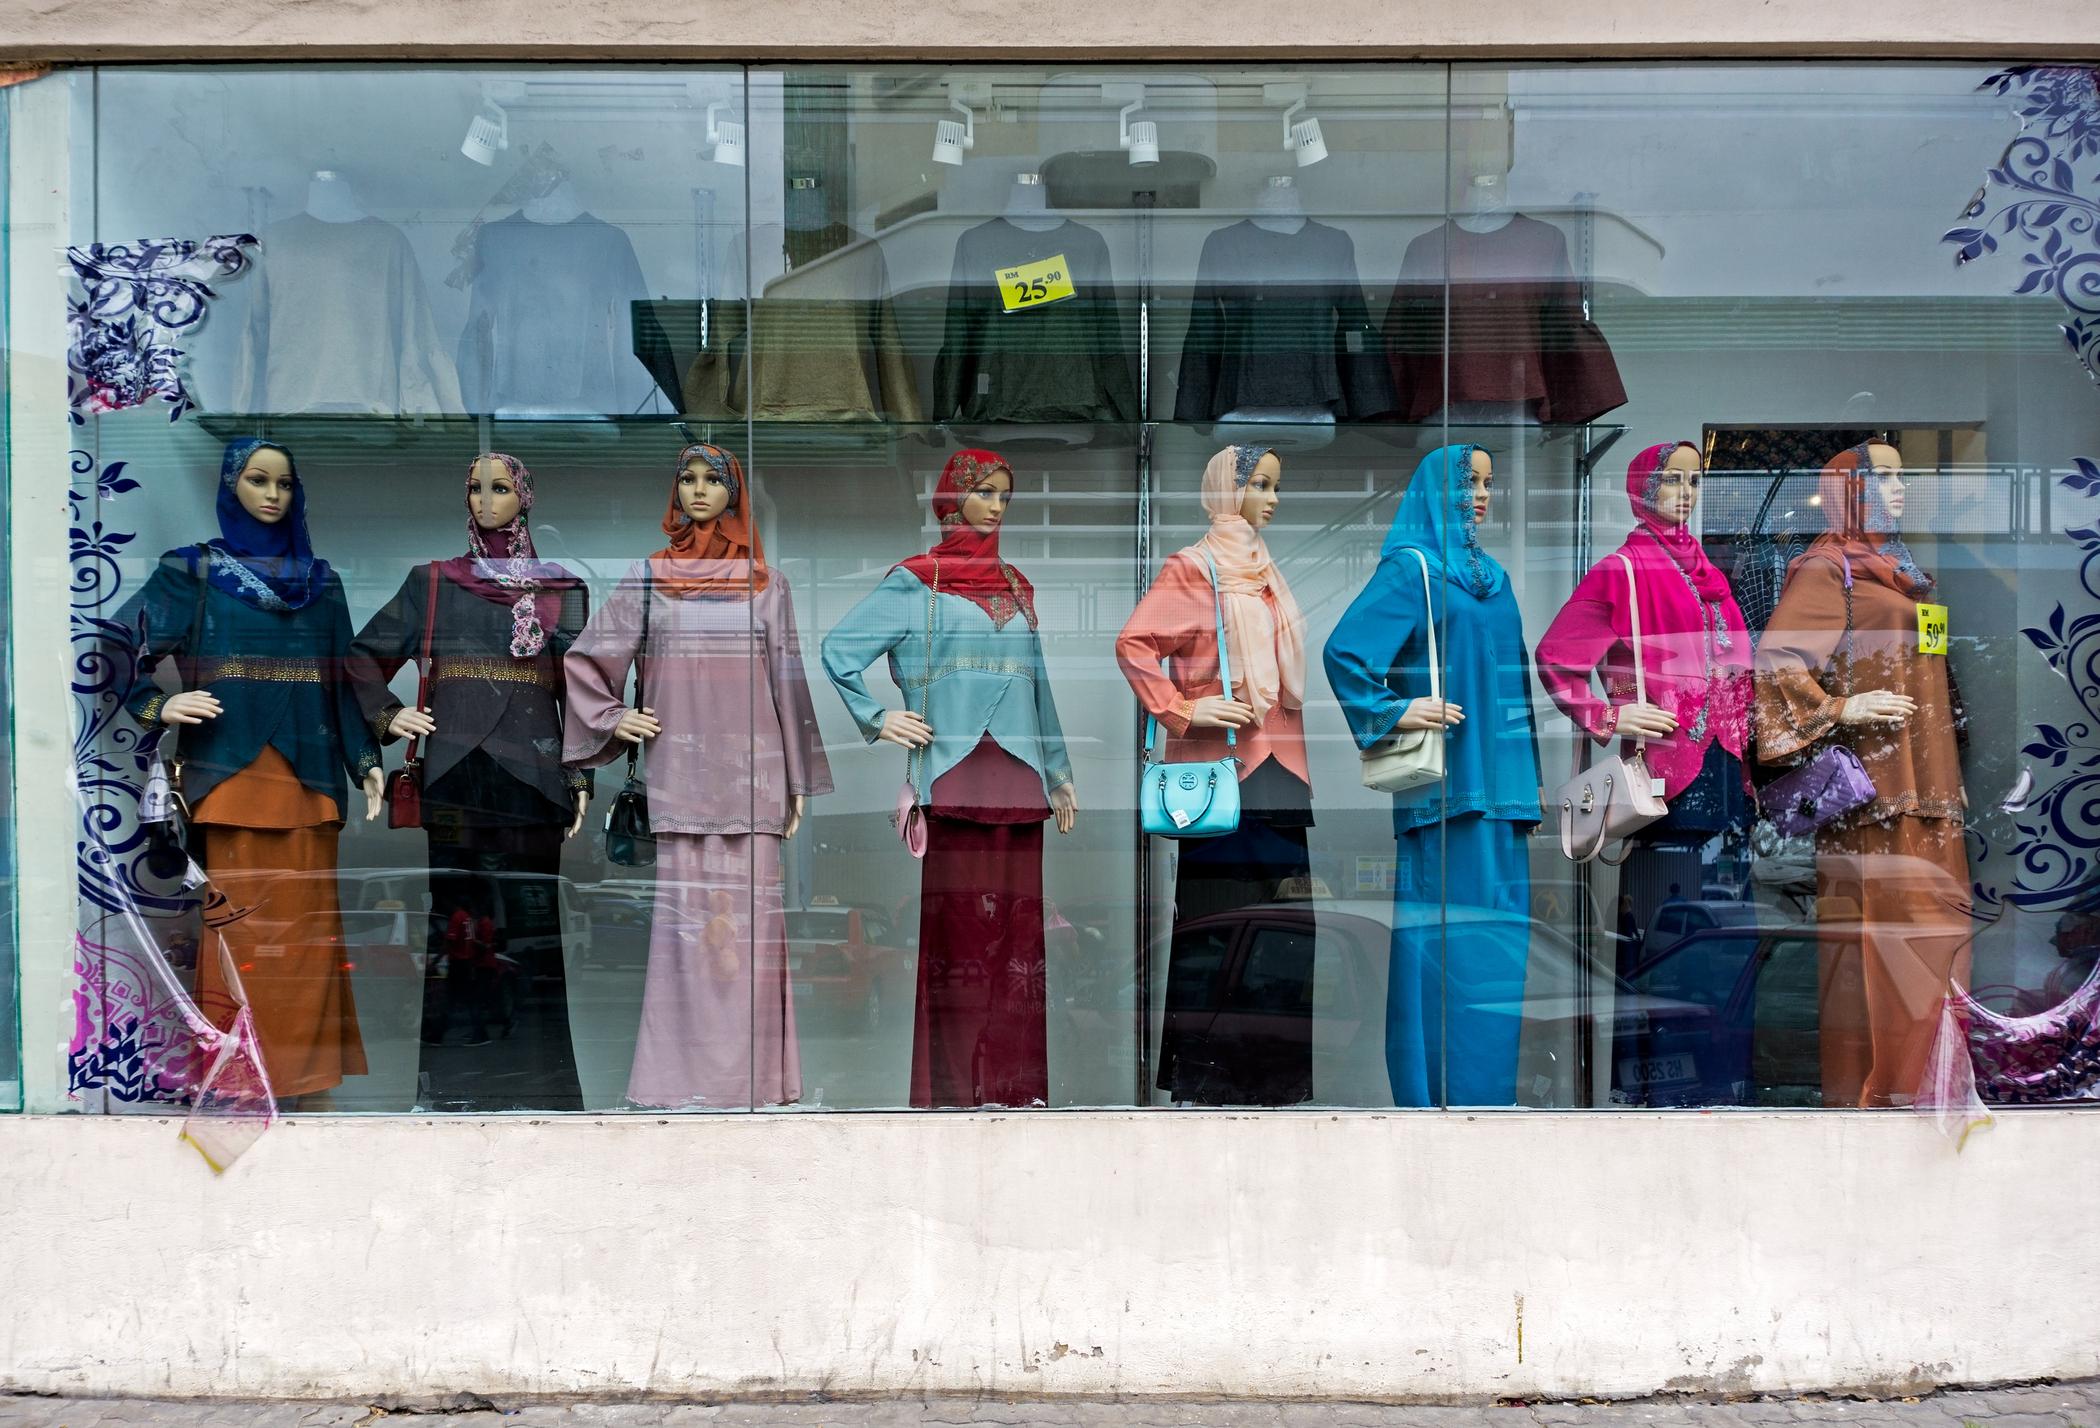 【店舗マネージャー職*中国語必須】日本のおしゃれな古着をマレーシアから発信!日本のリユースされた洋服を販売から店舗開発まで行います!